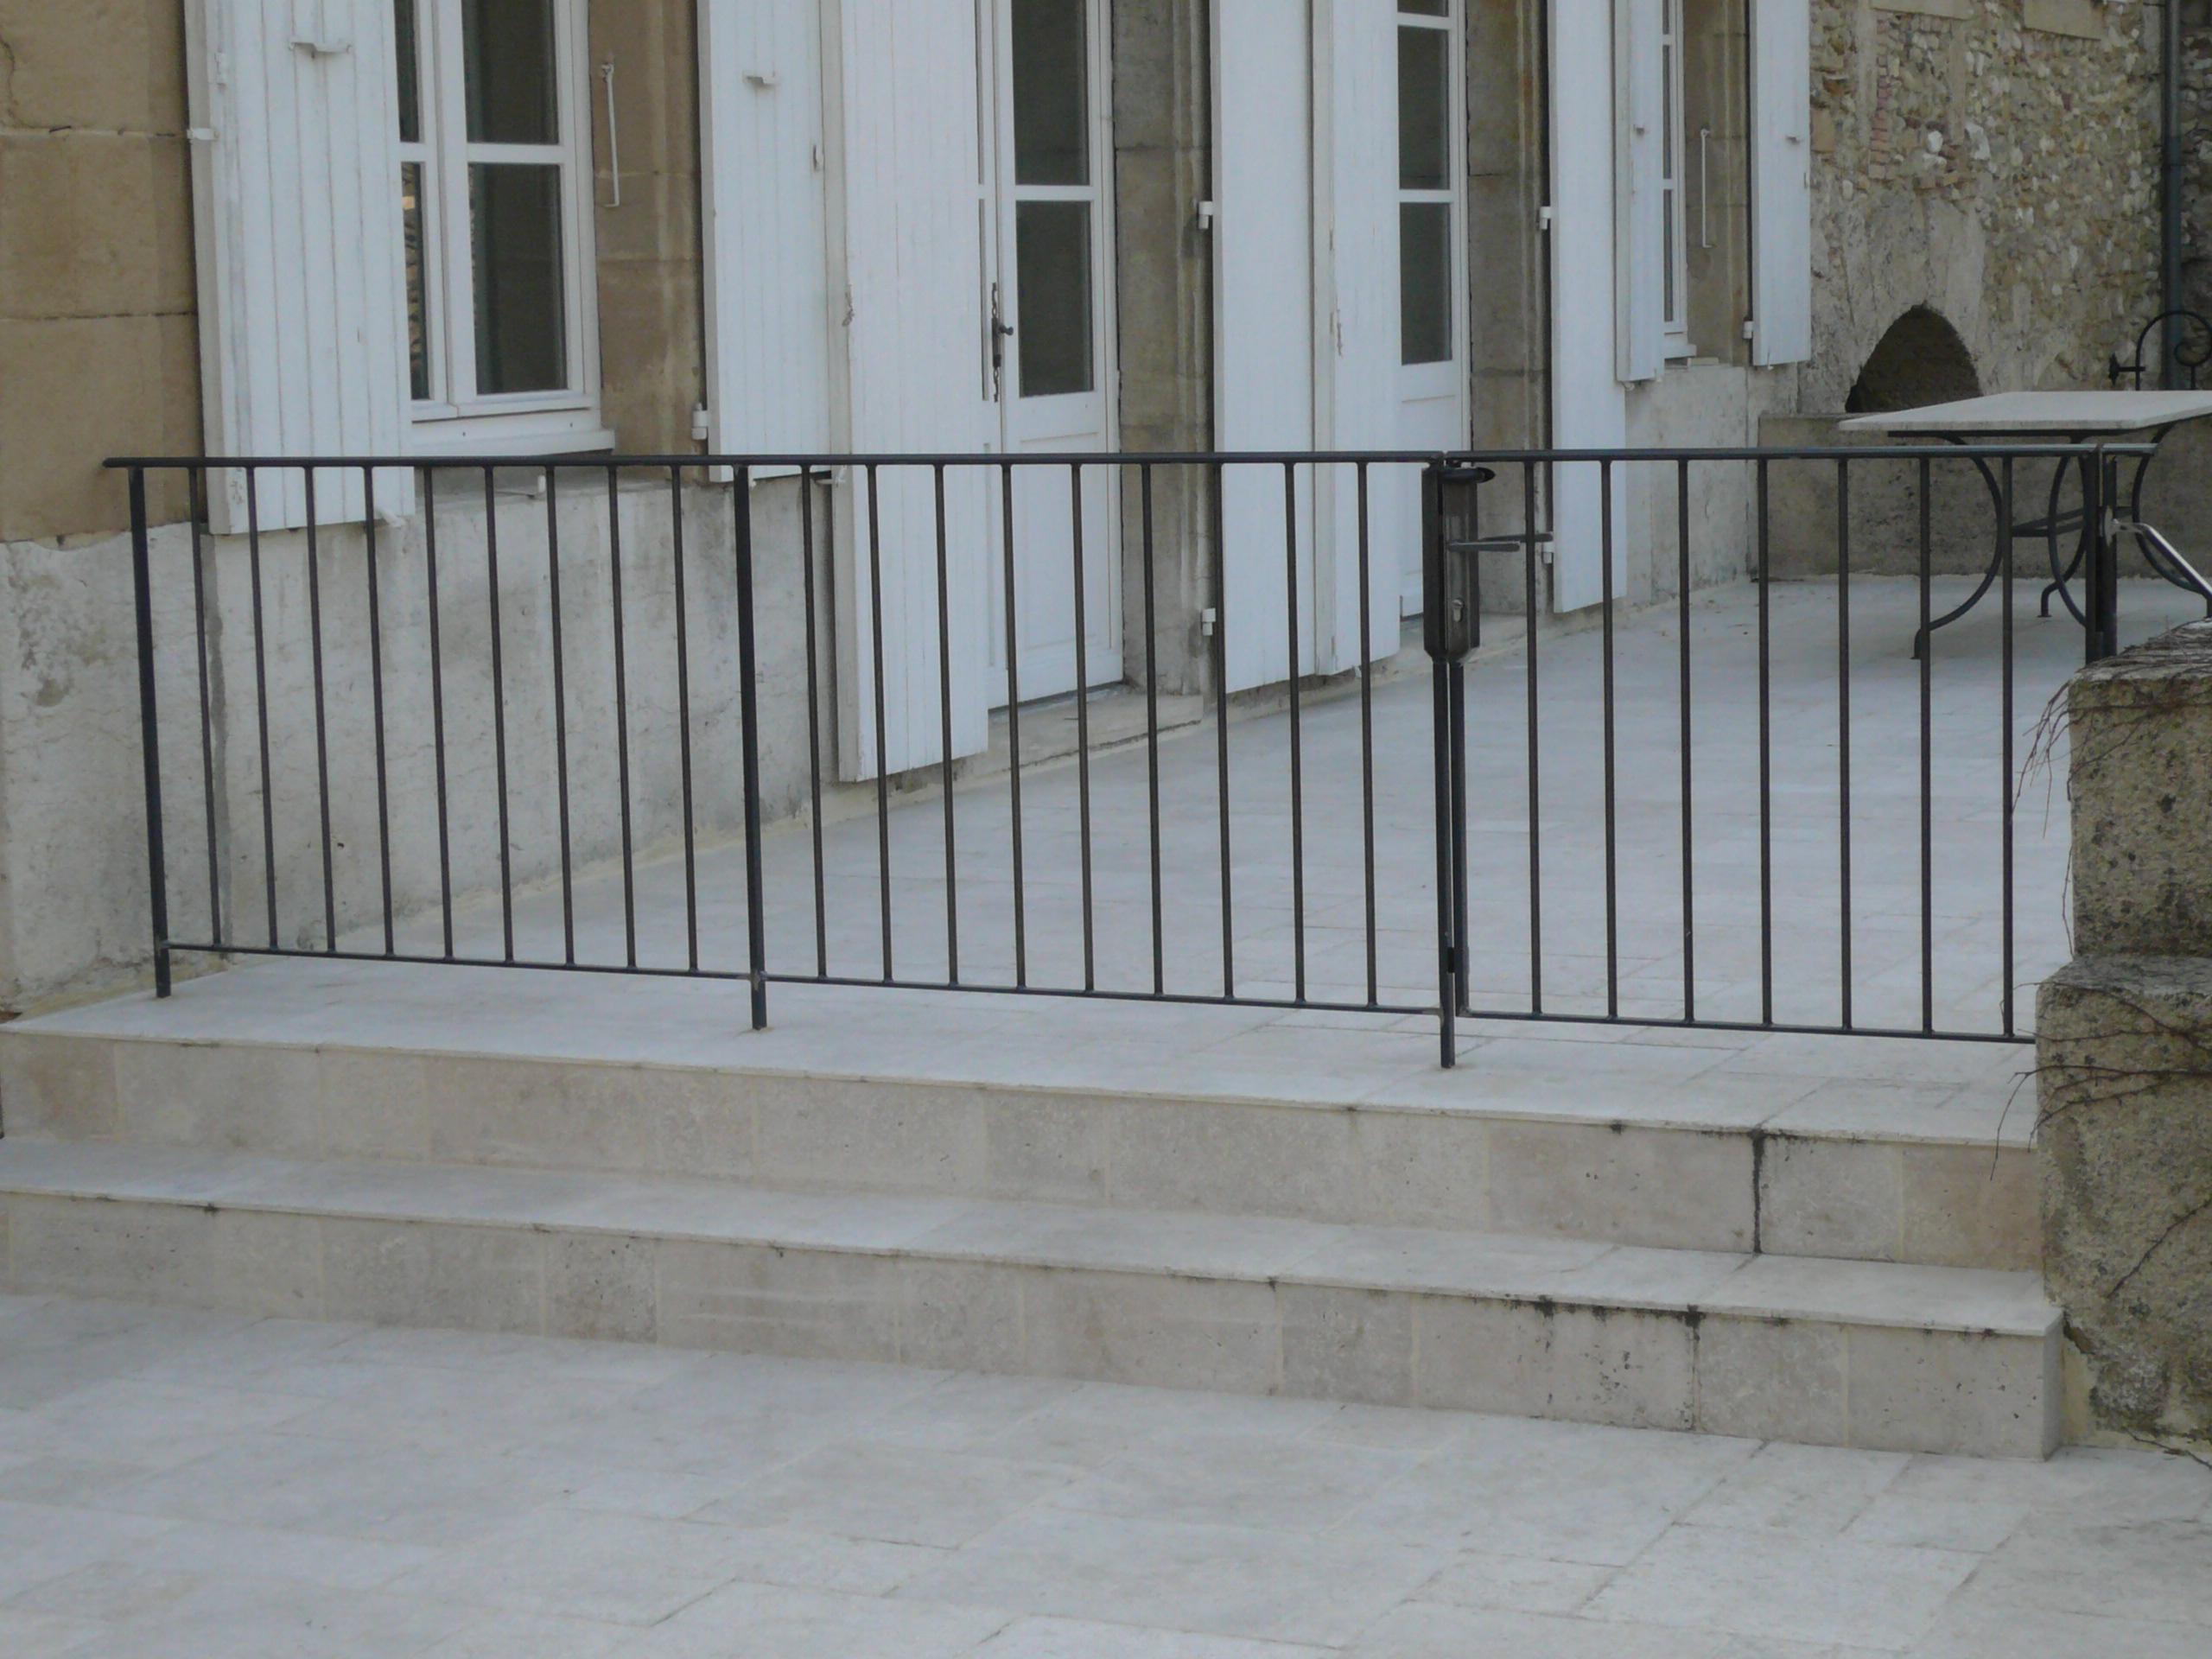 Barrière avec portillon sécurité piscine